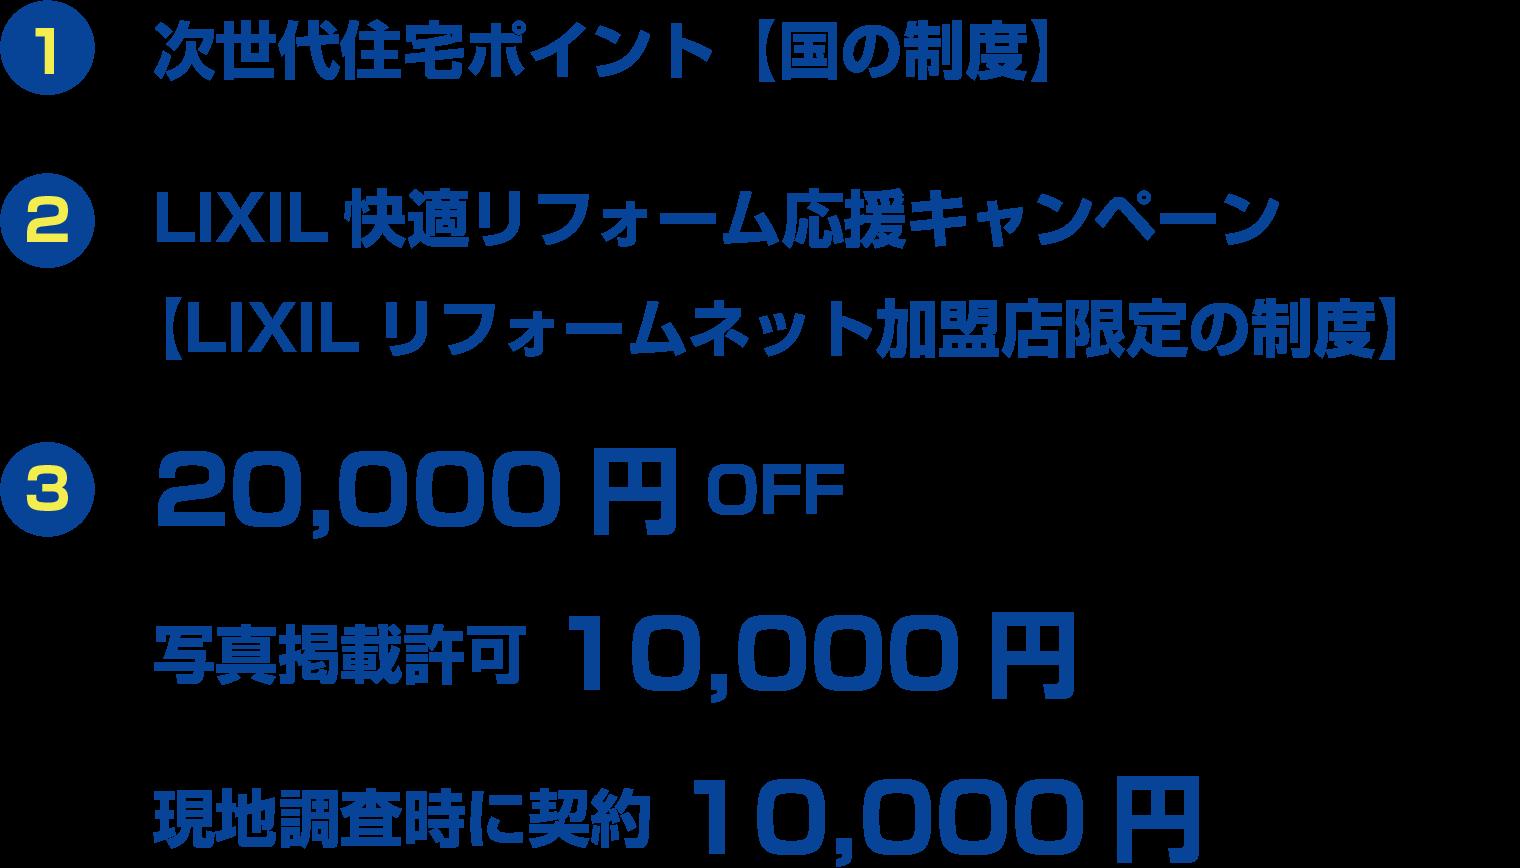 次世代住宅ポイント【国の制度】